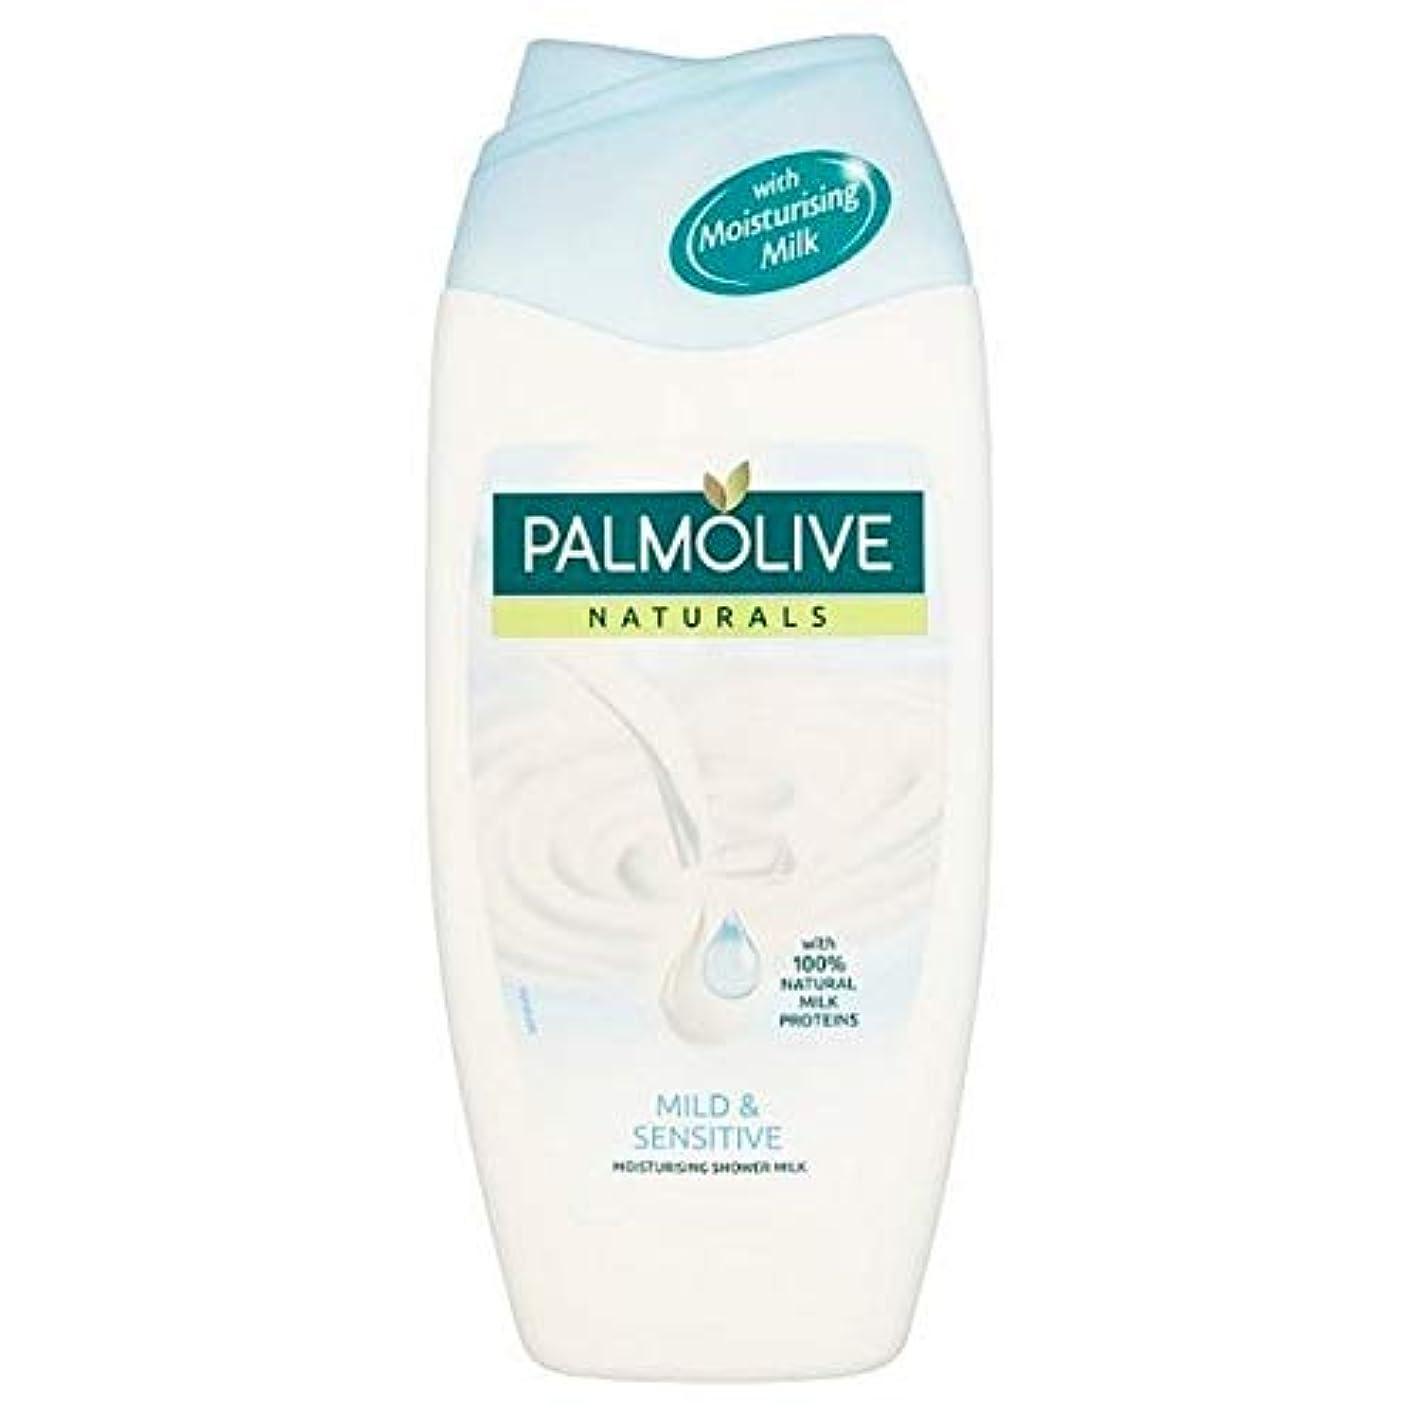 ハードファイル自慢[Palmolive ] パルモライブナチュラル敏感肌シャワージェルクリーム250ミリリットル - Palmolive Naturals Sensitive Skin Shower Gel Cream 250ml [並行輸入品]